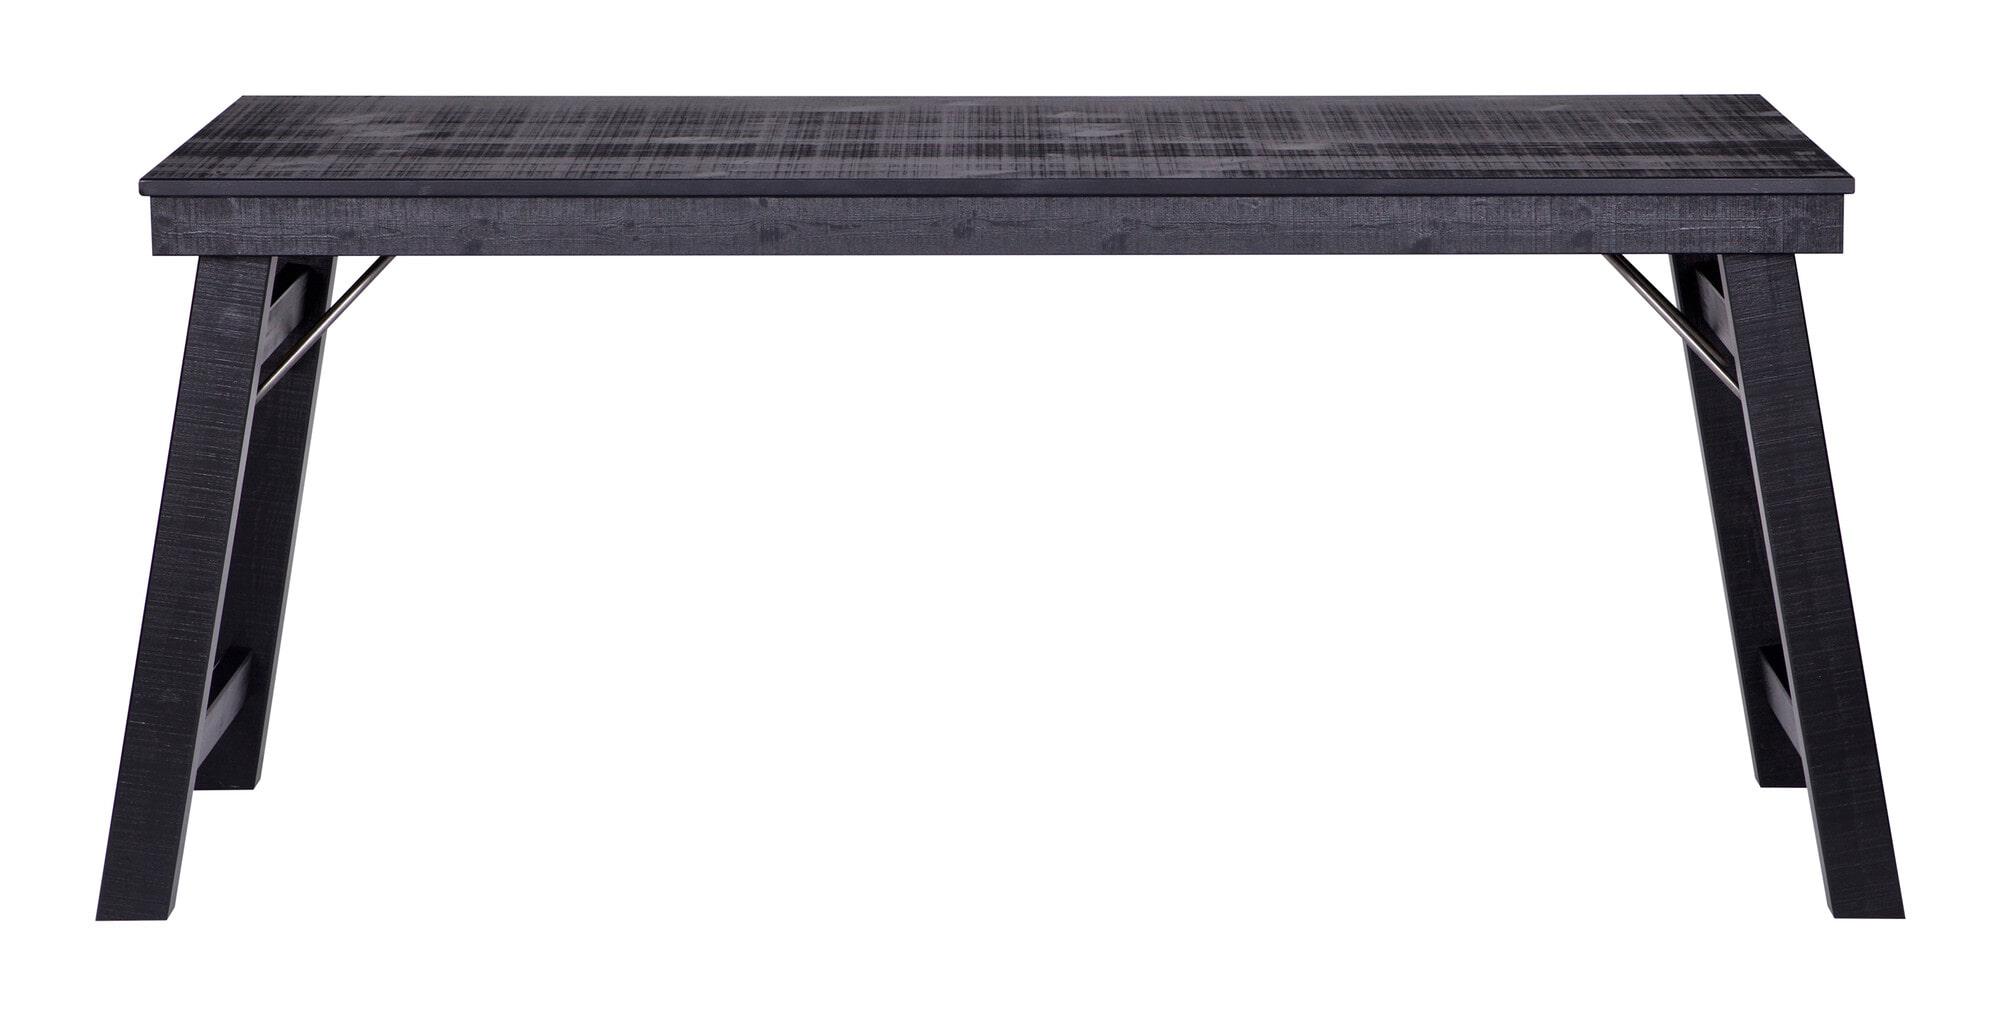 WOOOD Bureau 'Honk' kleur zwart Tafels | Bureaus vergelijken doe je het voordeligst hier bij Meubelpartner